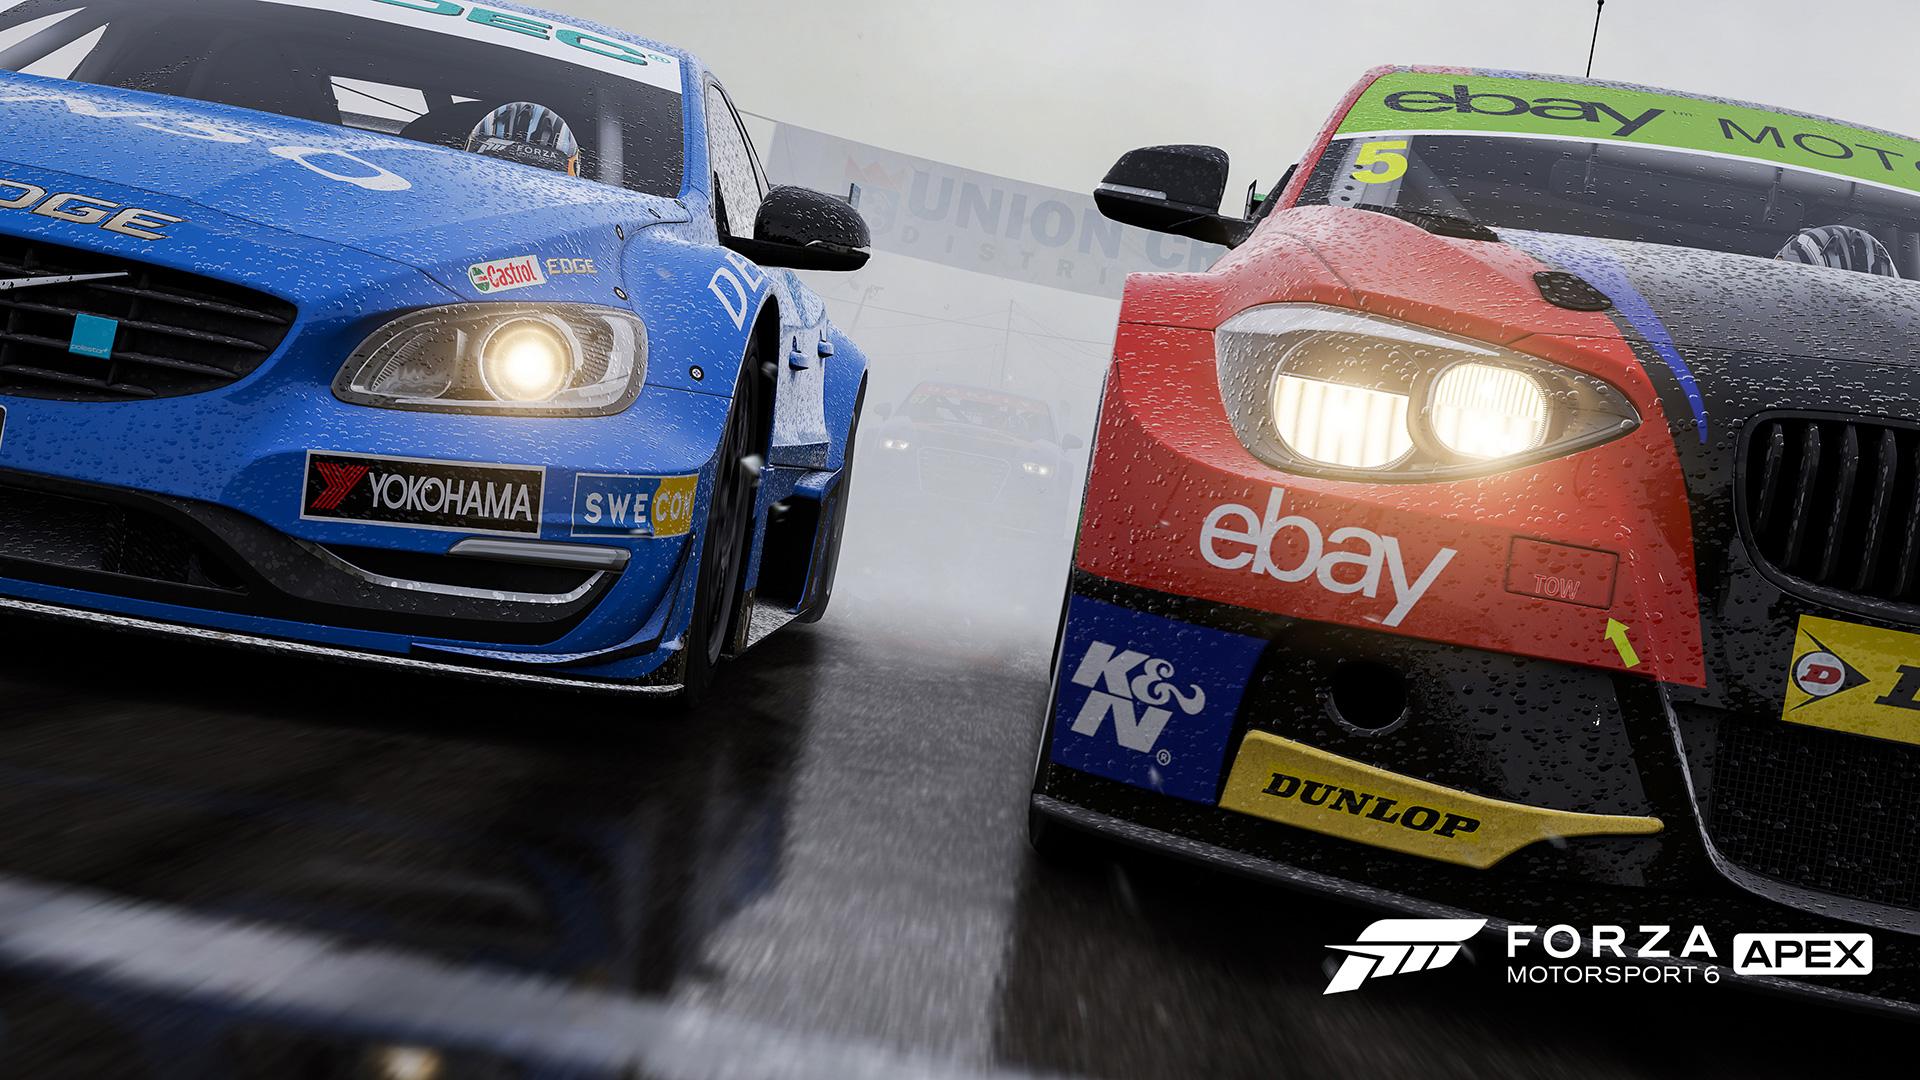 Jednou z prvních her, jejíž UWP verze dostane plnou podporu G-Sync i FreeSync bude Forza Motorsport 6